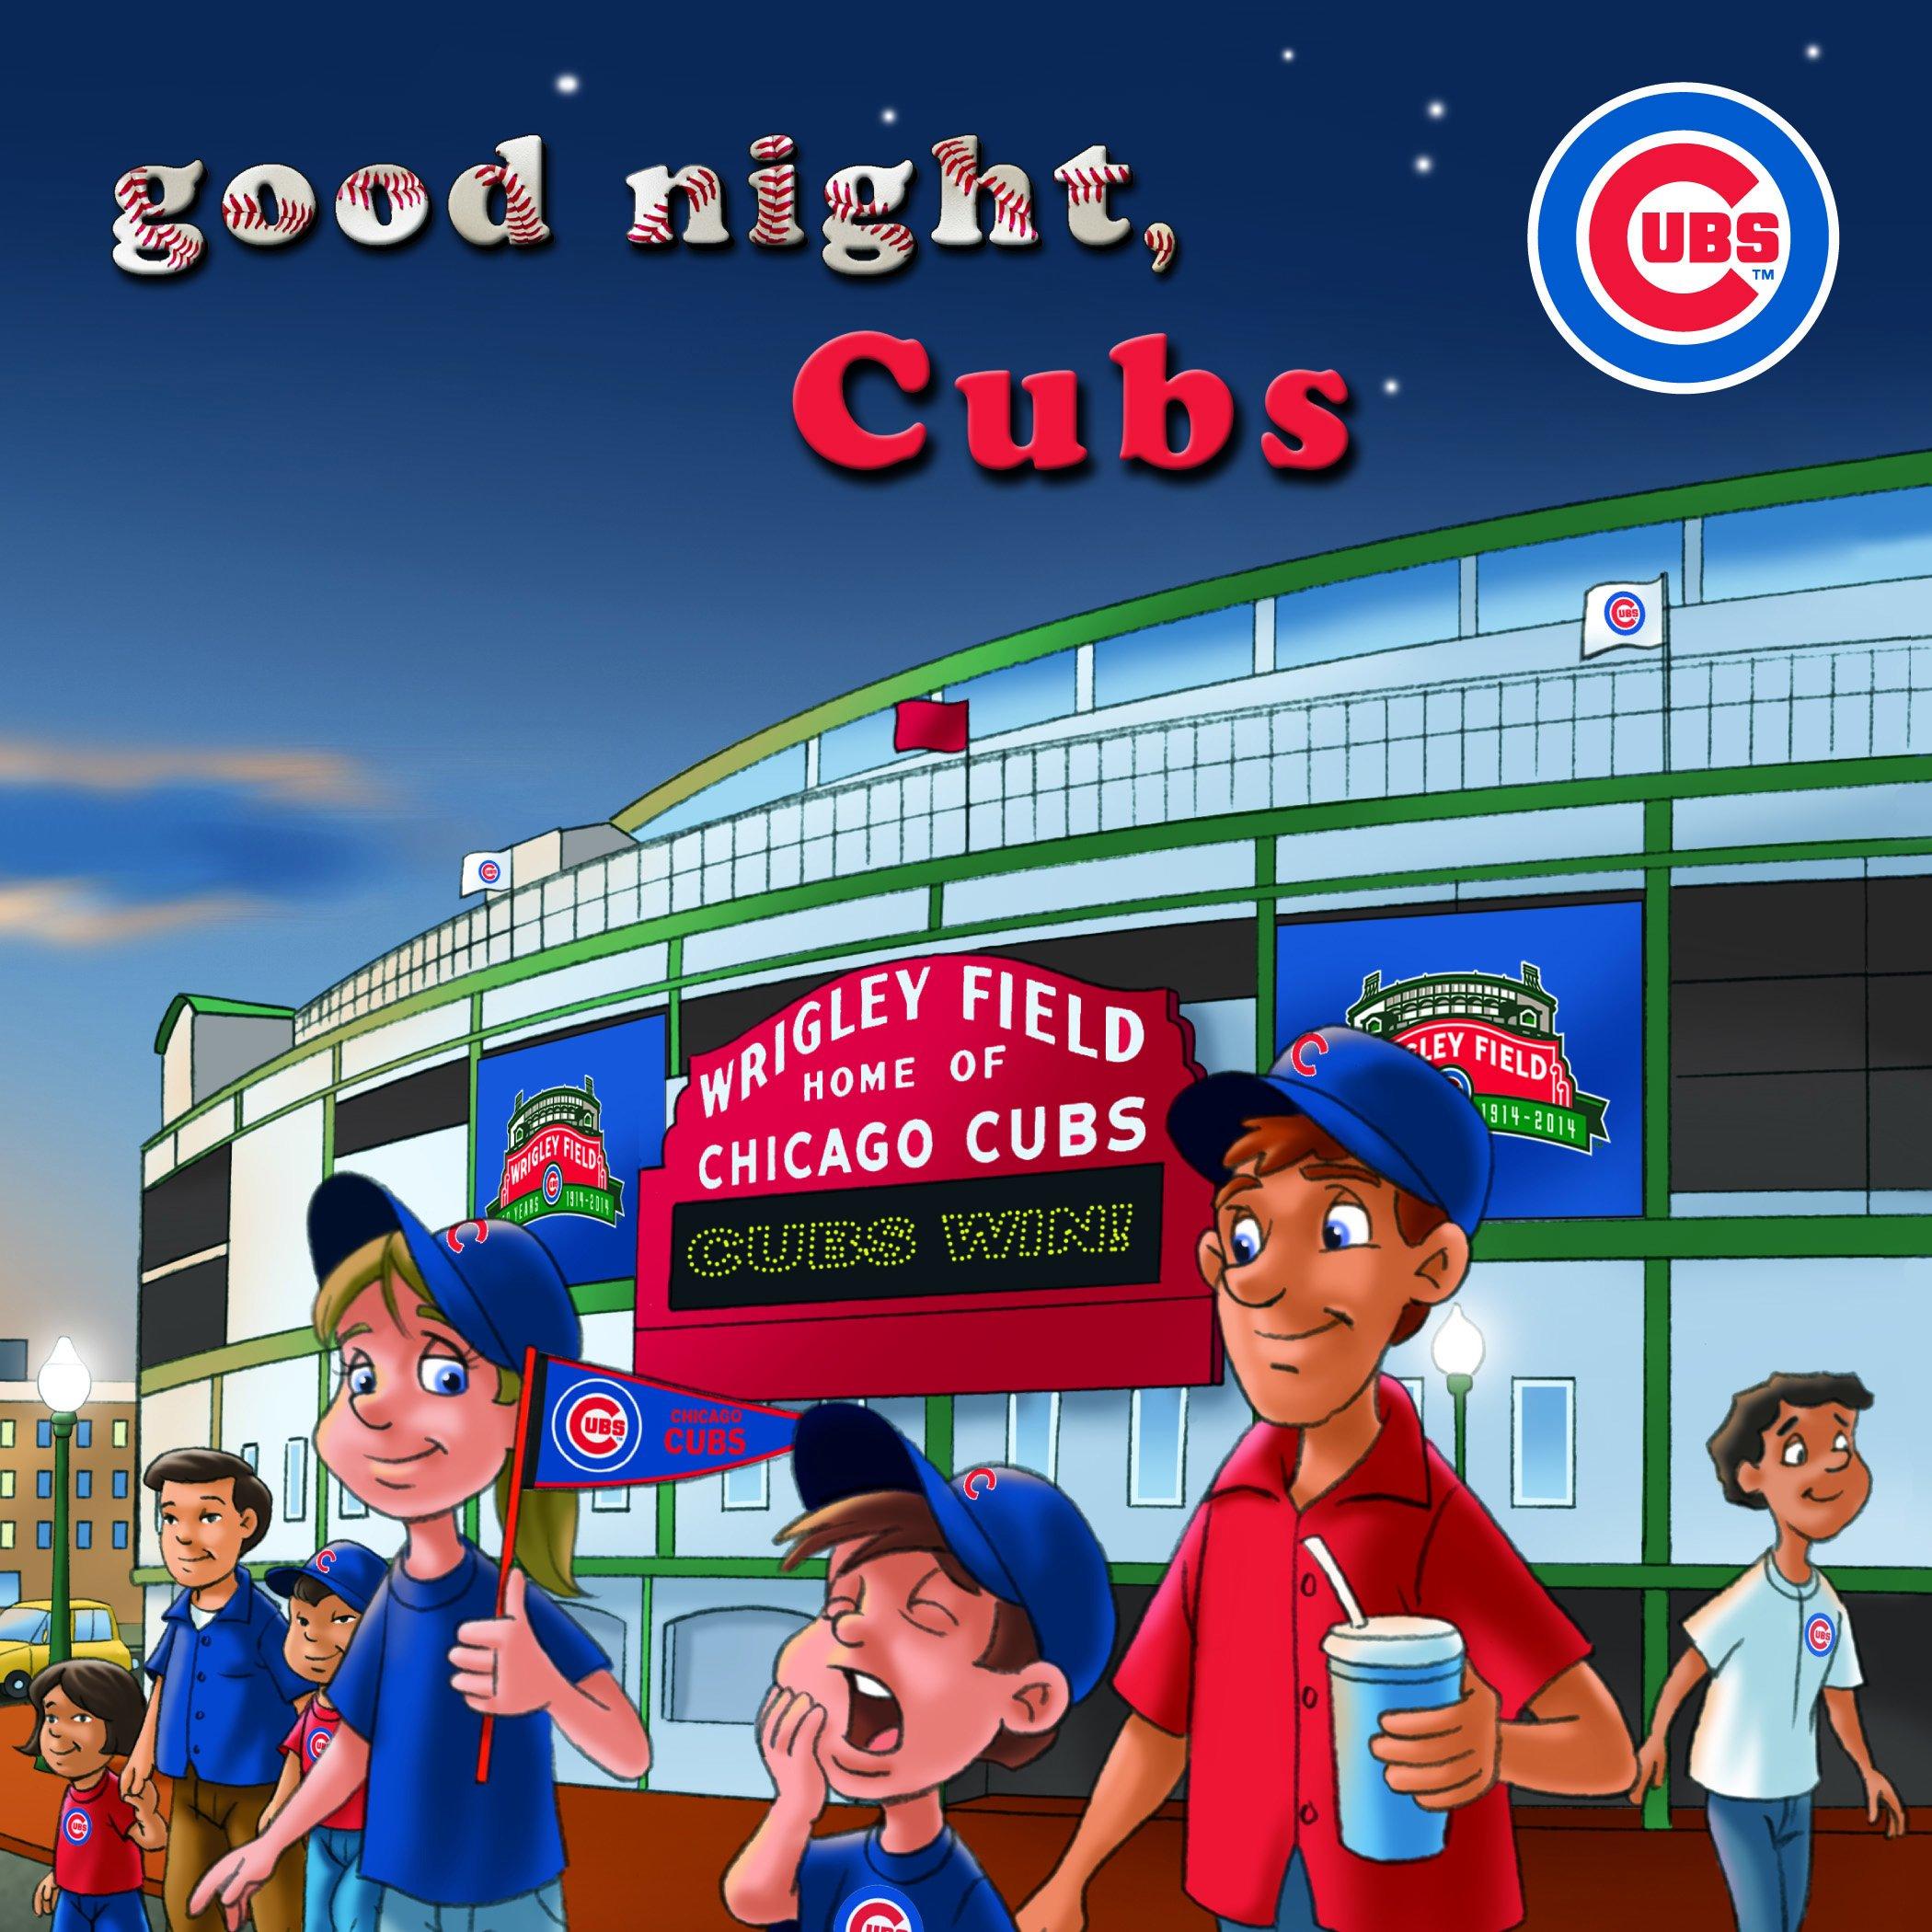 Good Night, Cubs